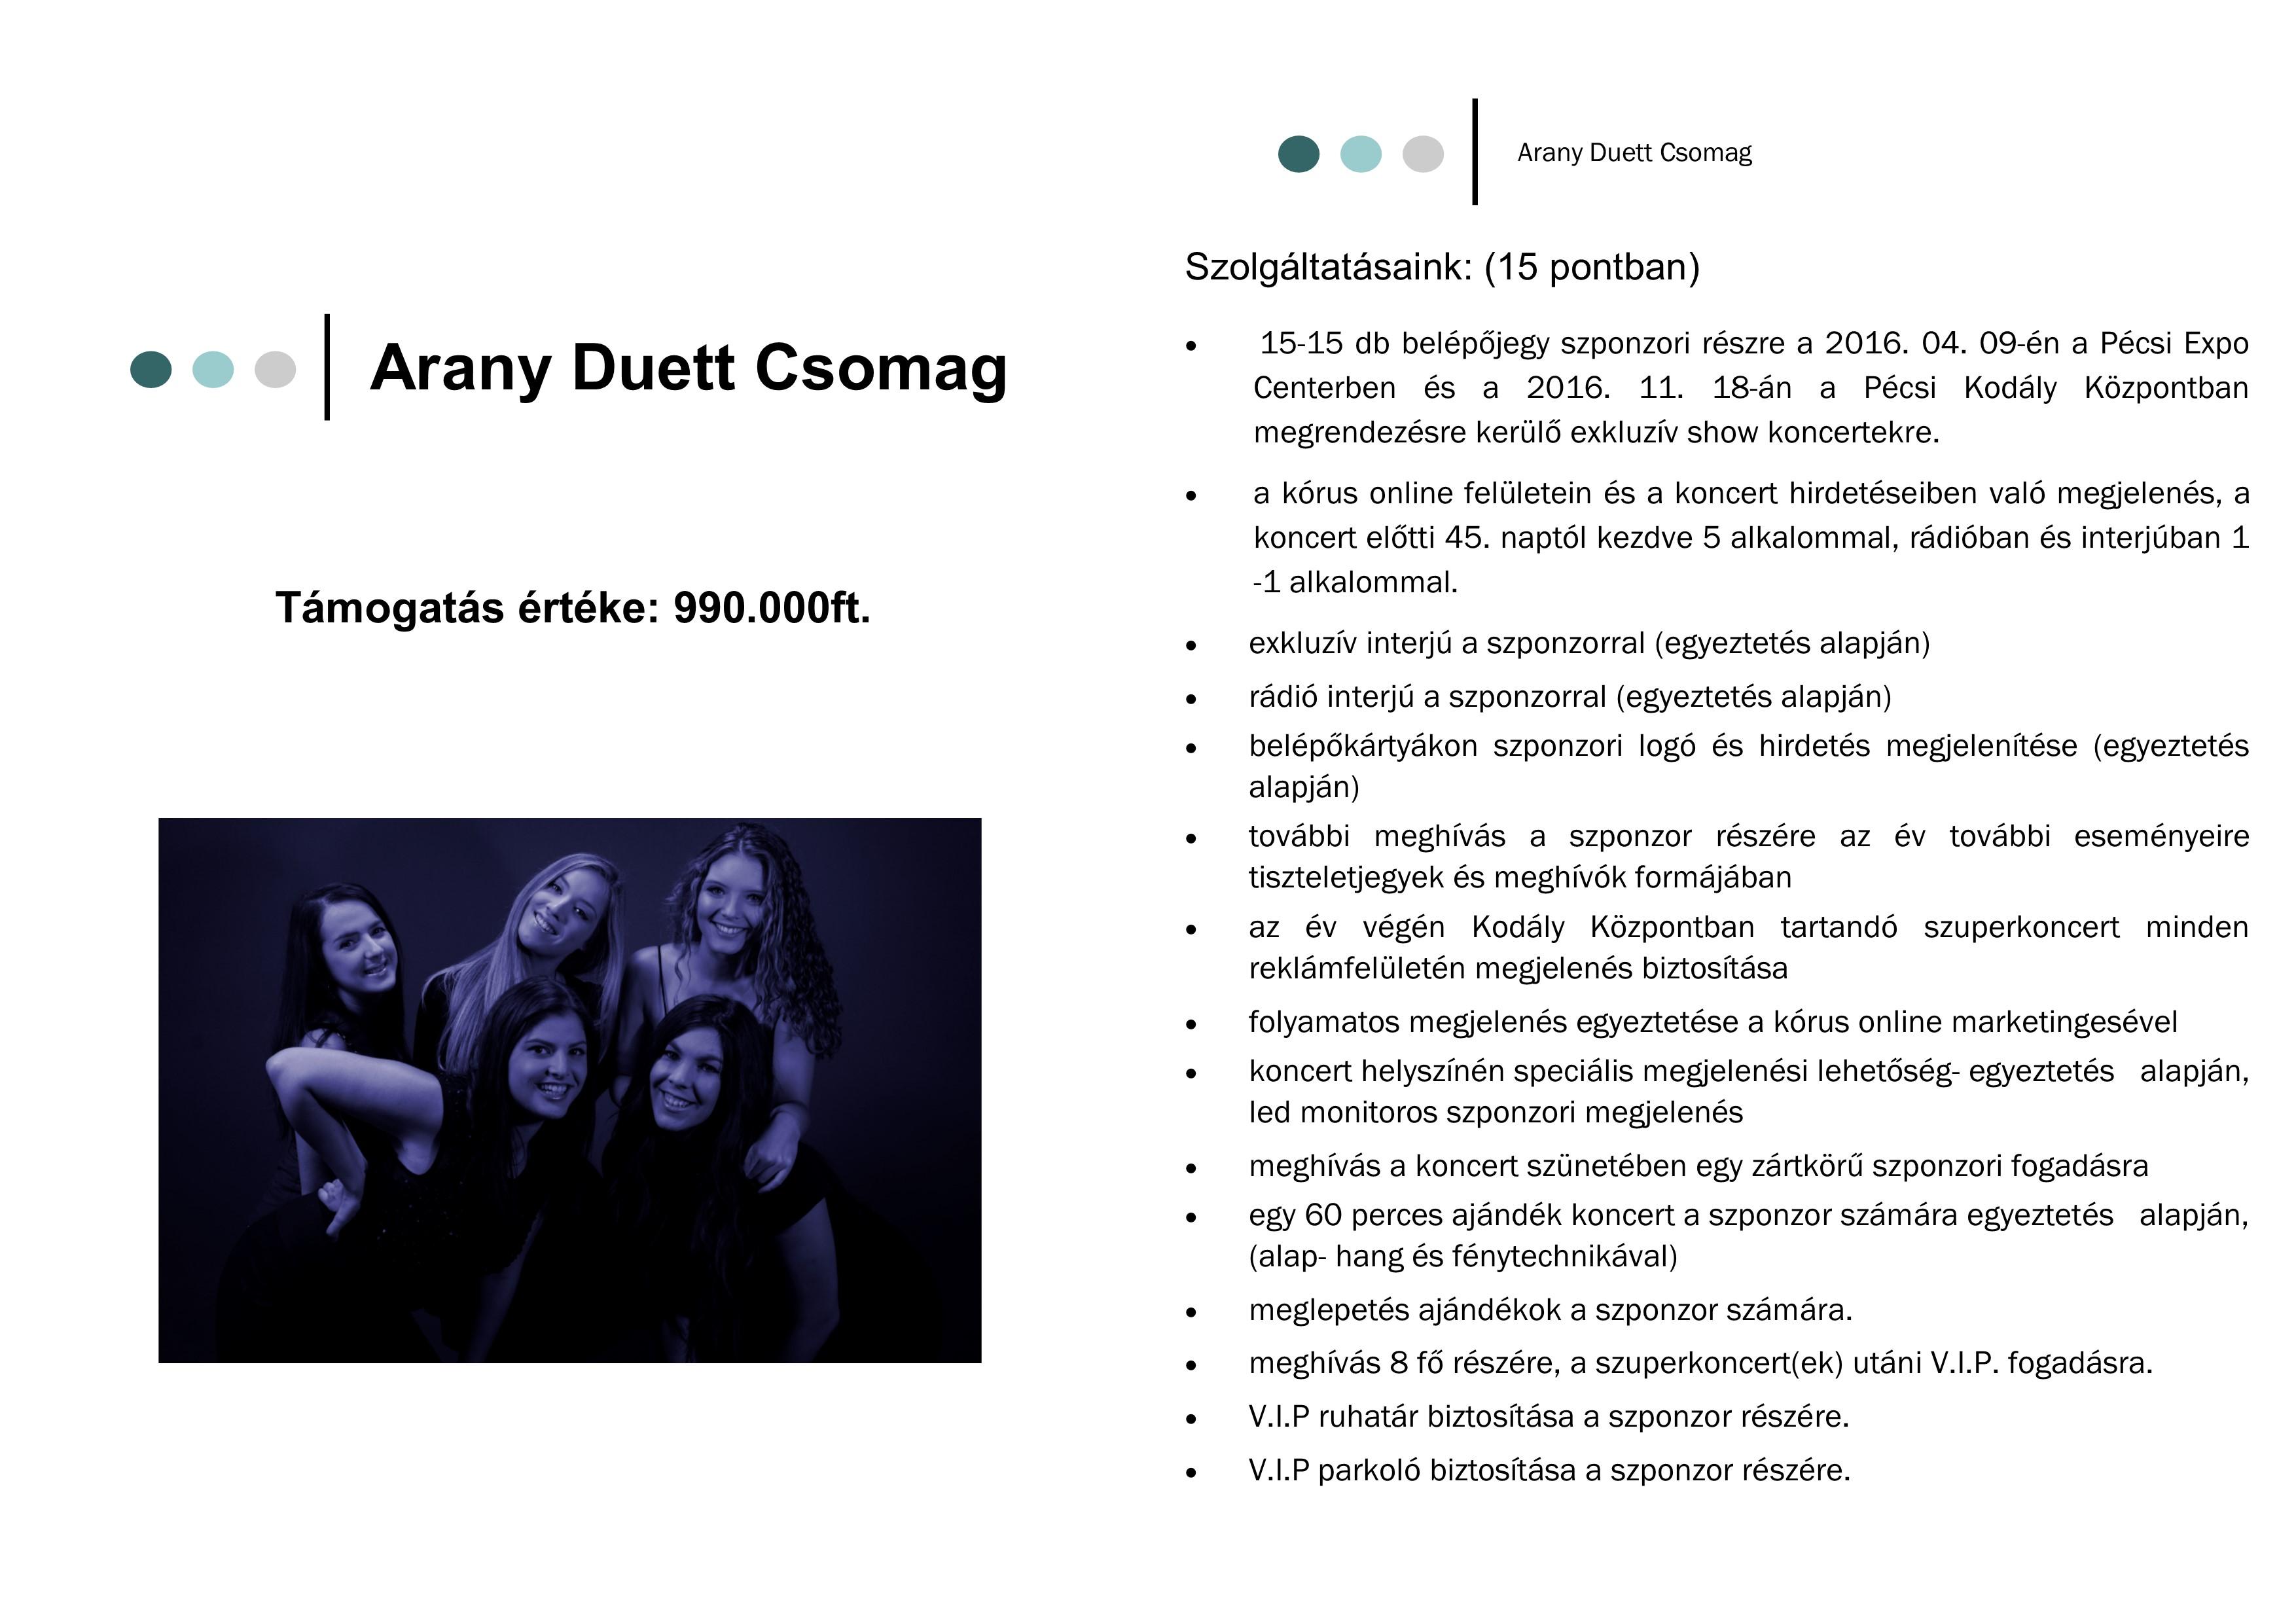 arany_duett_csomag_4.jpg